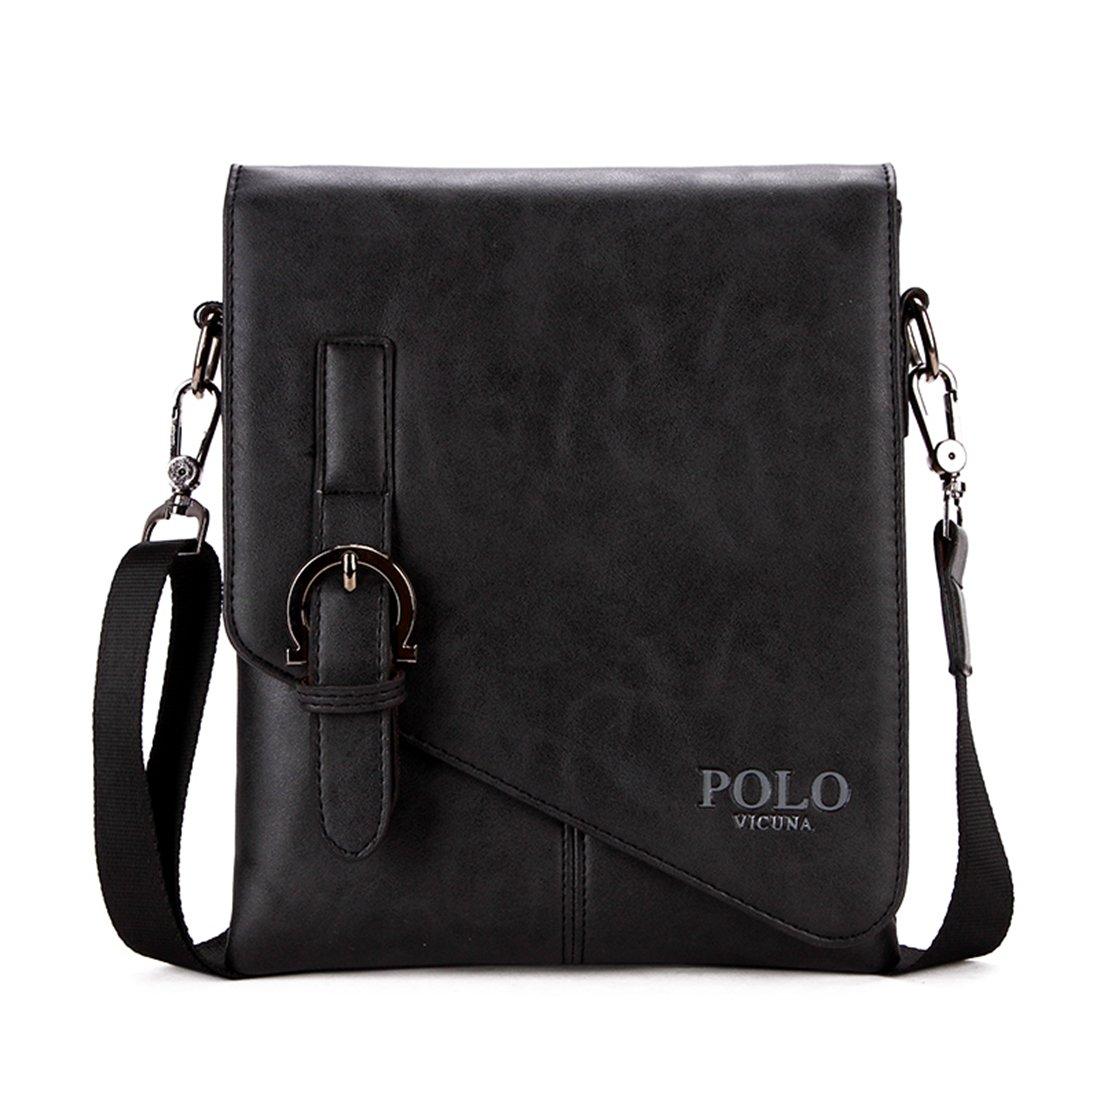 021a5cf5ca VICUNA POLO Men Sling Bag Chest Bag Crossbody Bag For Men Hiking Bag  Outdoor Backpack Shoulder Bag For Men (balck)  Amazon.co.uk  Clothing